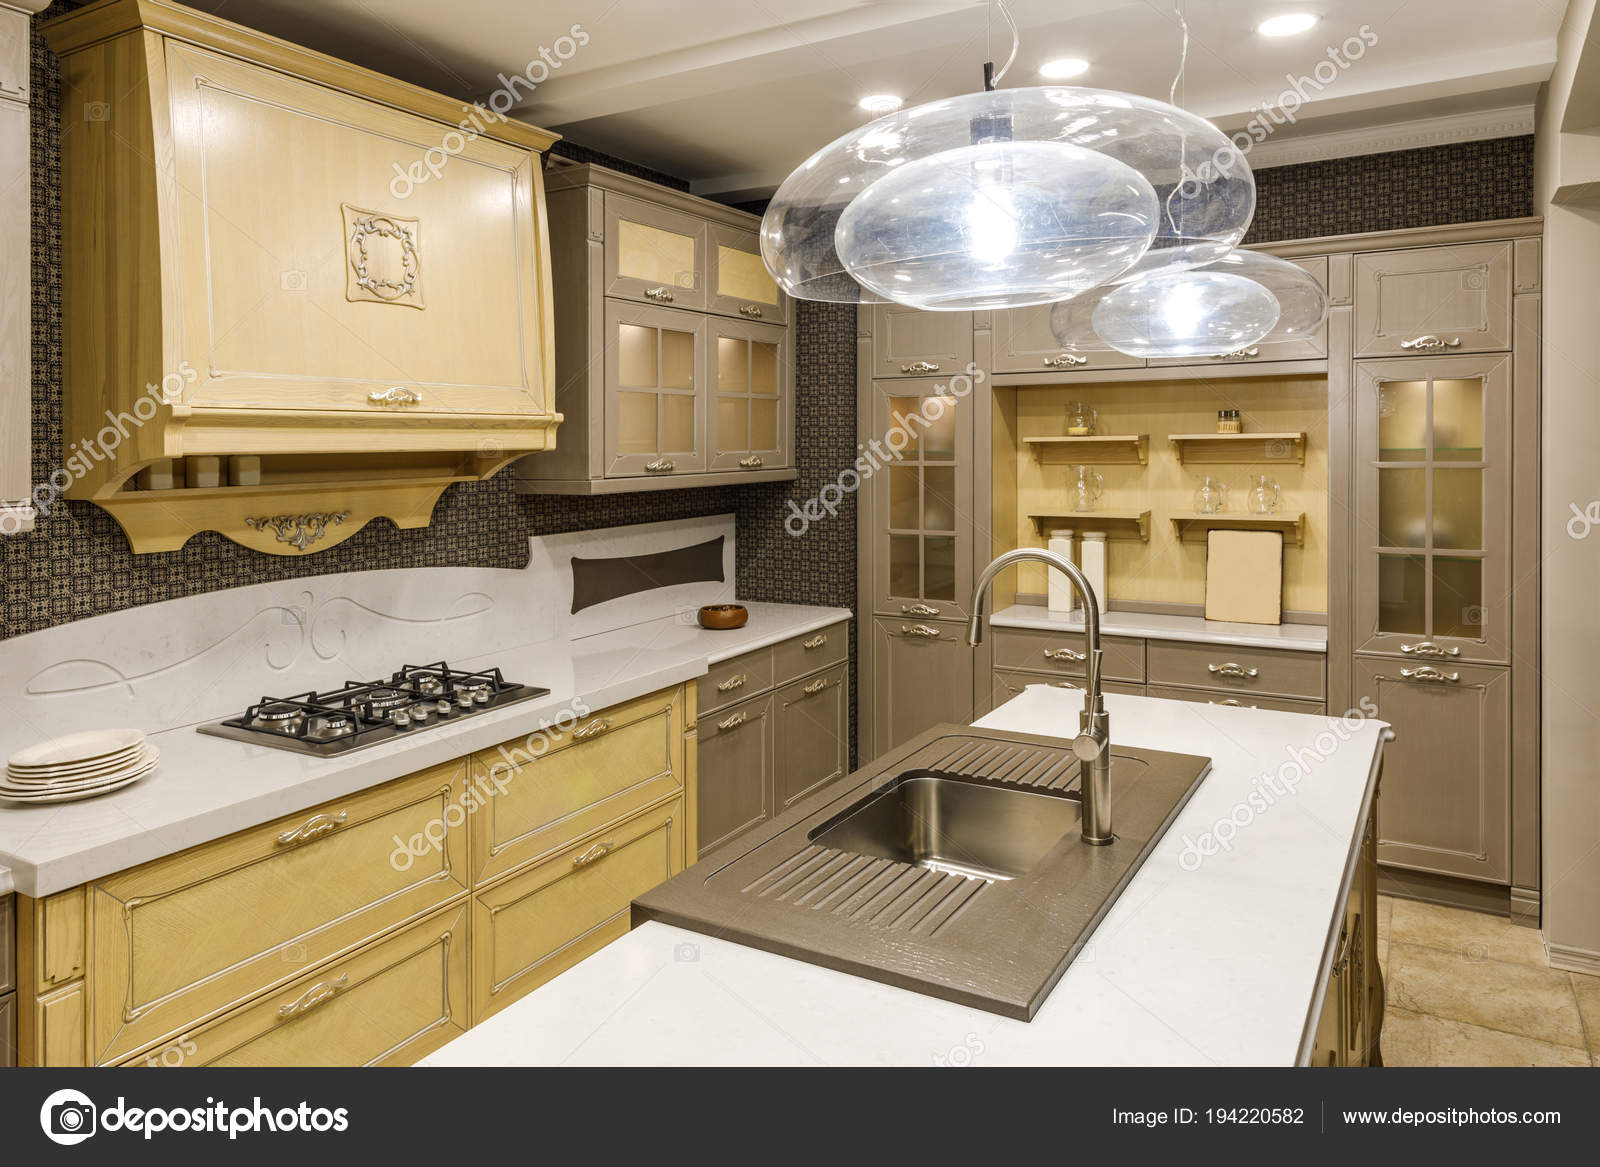 Stilvolle Küche Mit Kronleuchter Über Moderne Waschbecken ...